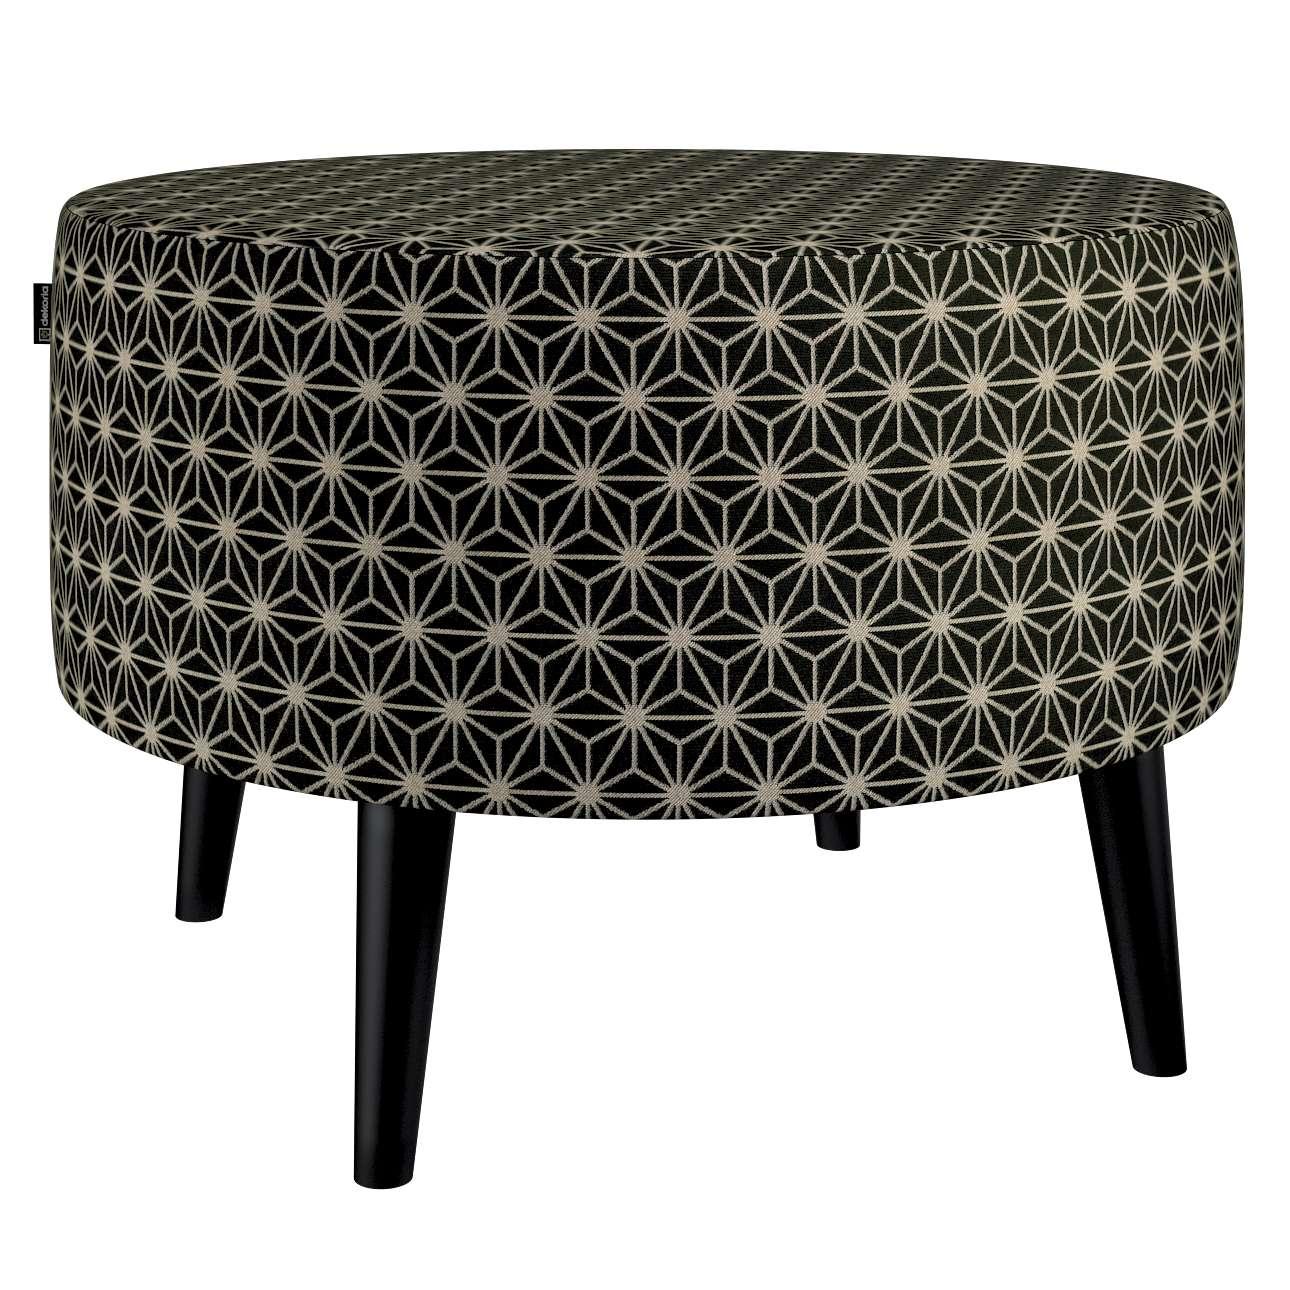 Podnóżek okrągły I w kolekcji Black & White, tkanina: 142-56